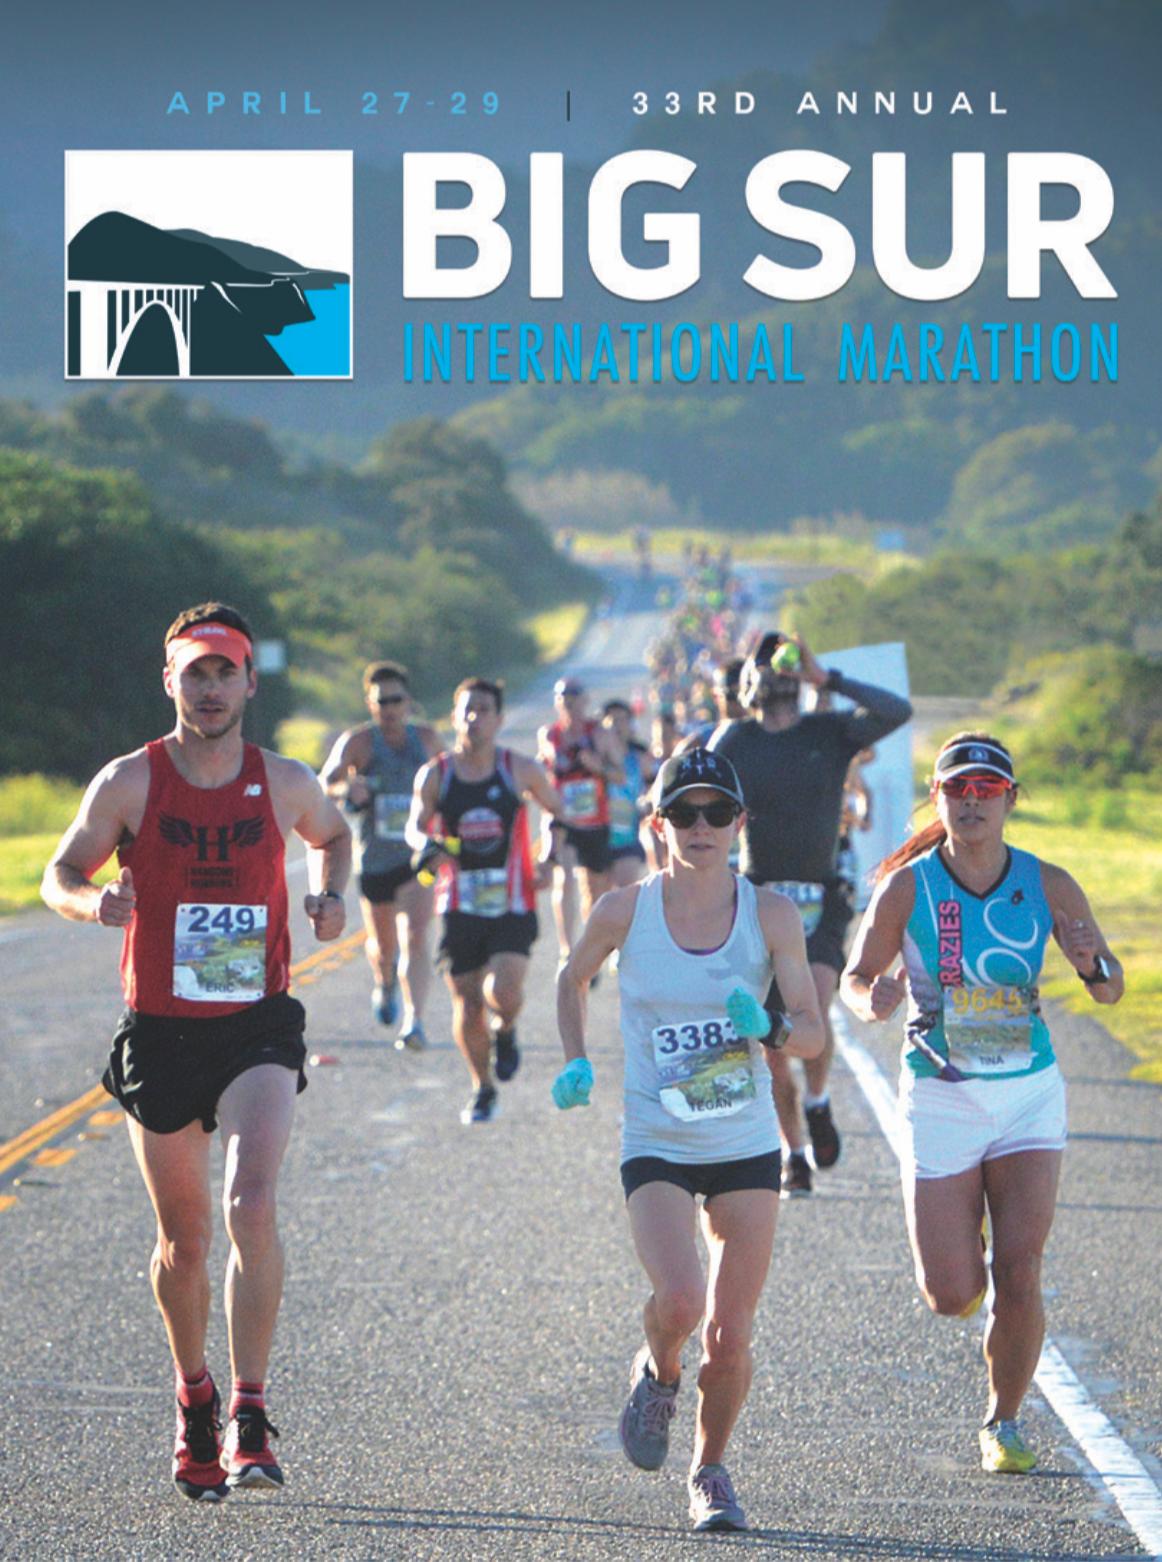 Big Sur International Marathon 2018